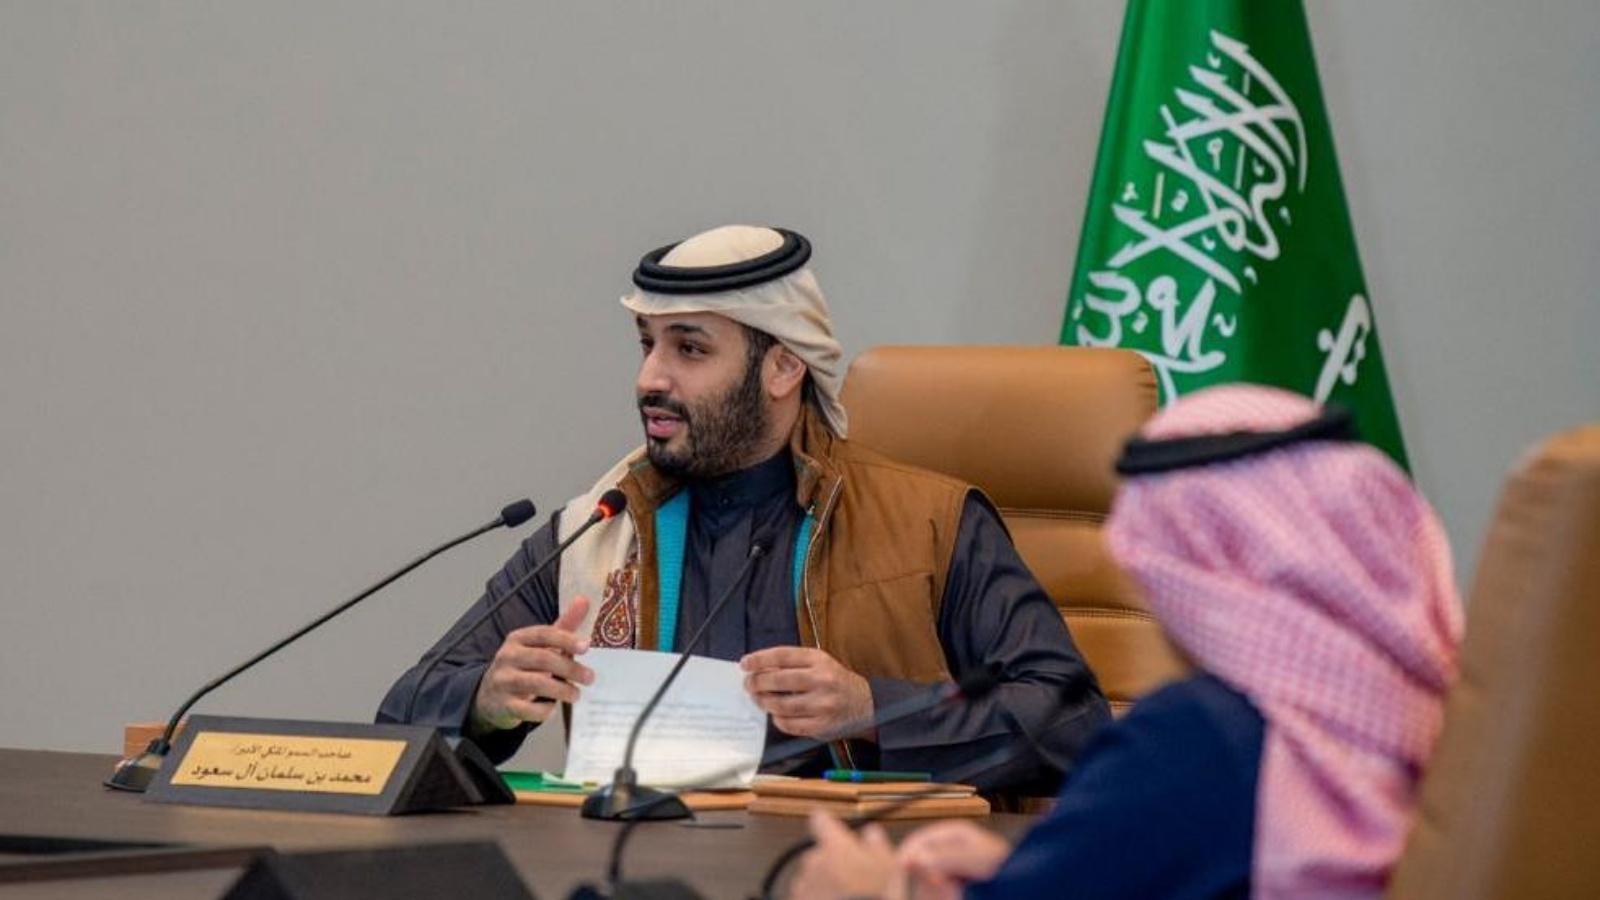 السعودية نيوز    صندوق الاستثمارات السعودي يقر استراتيجية الصندوق للأعوام الخمسة القادمة